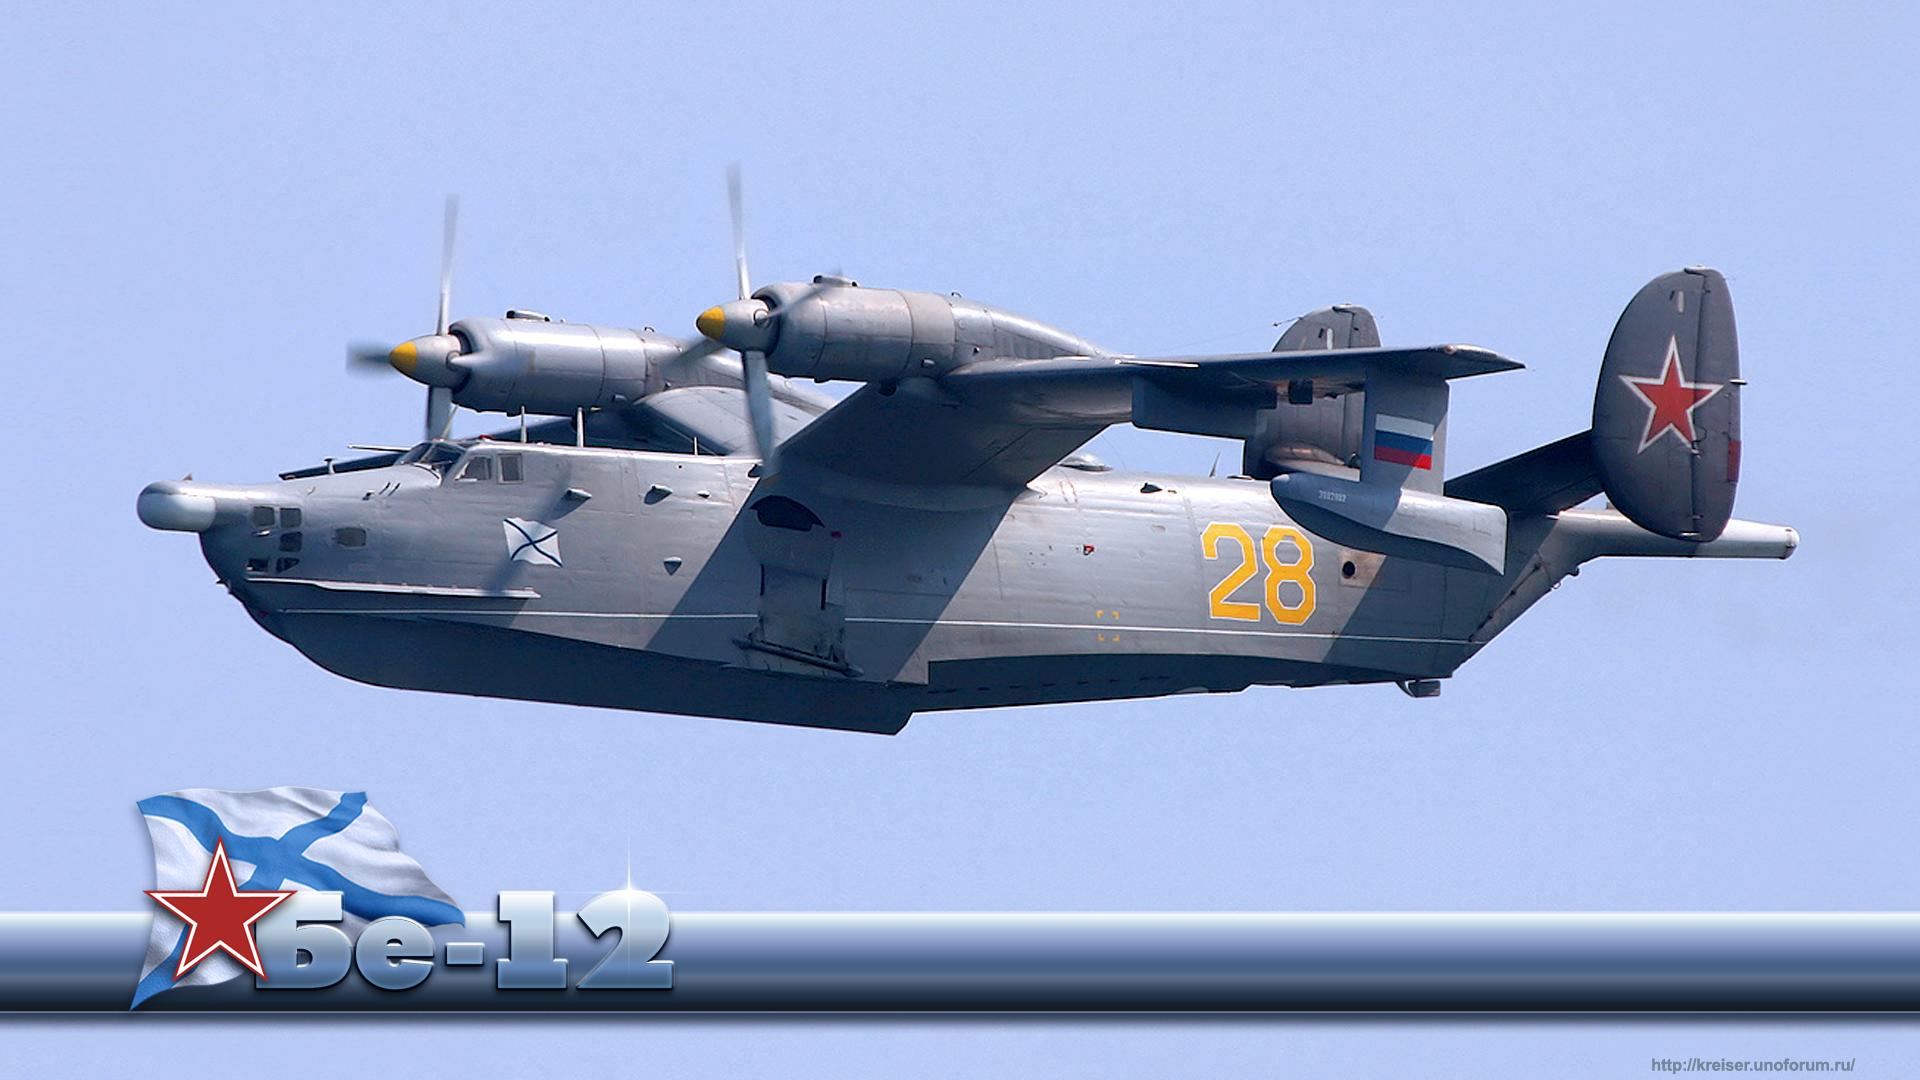 Самолёт-амфибия ОКБ Г.М.Бериева Бе-12 в полёте